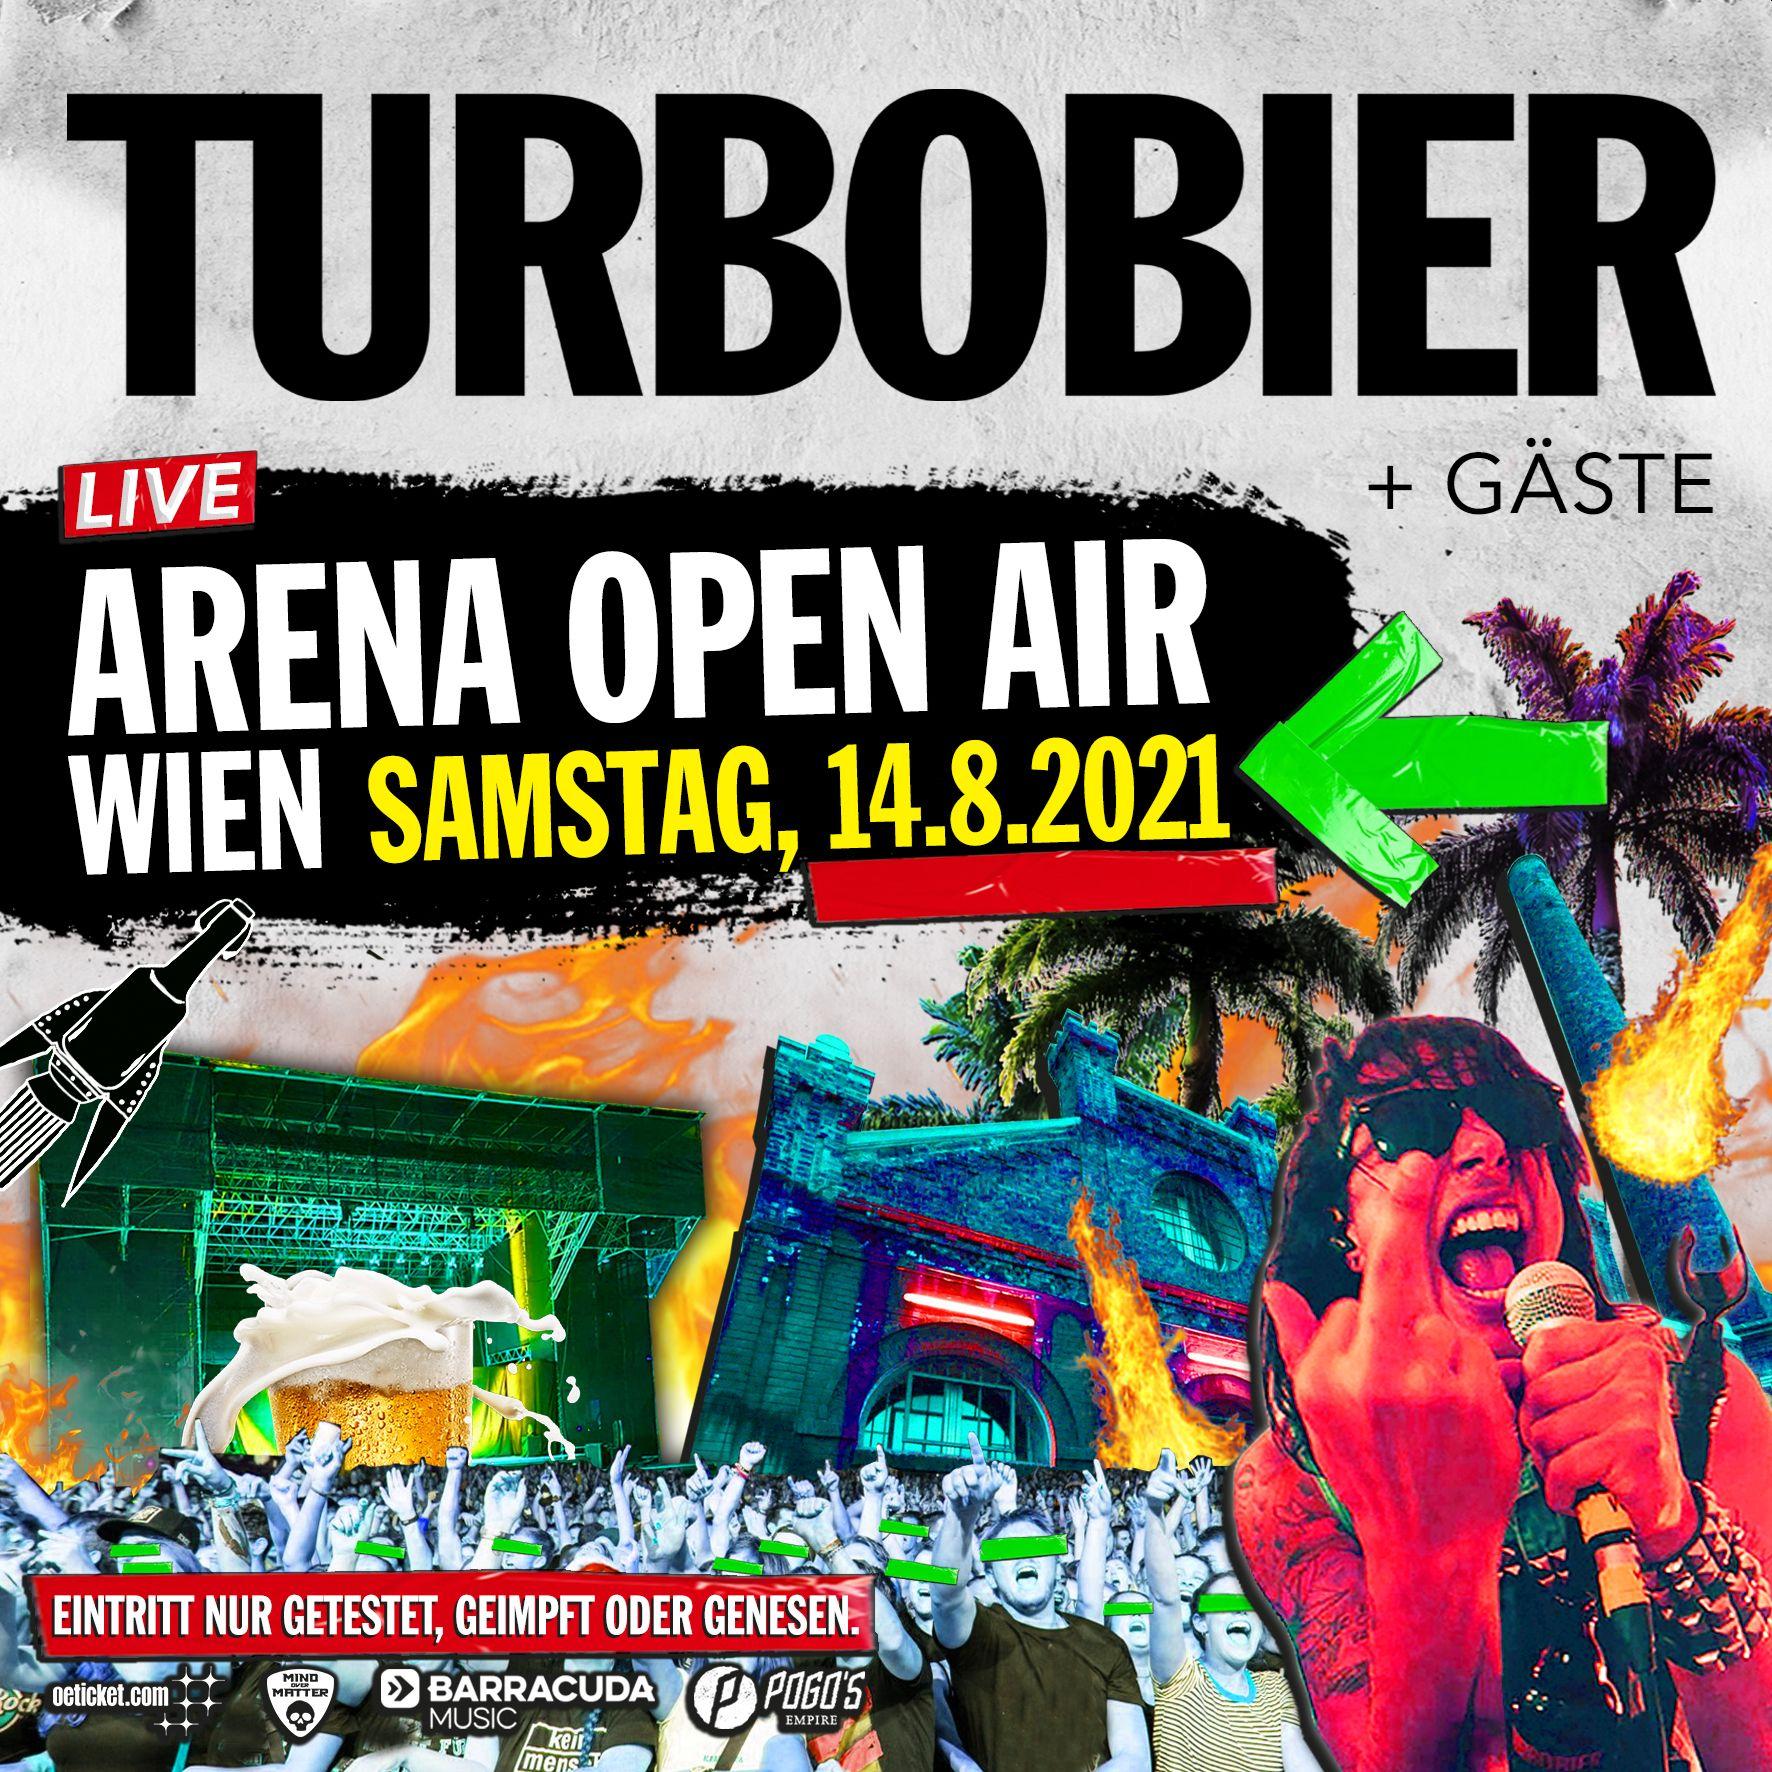 turbobier-fronter-greift-vor-festival-zur-impfspritze